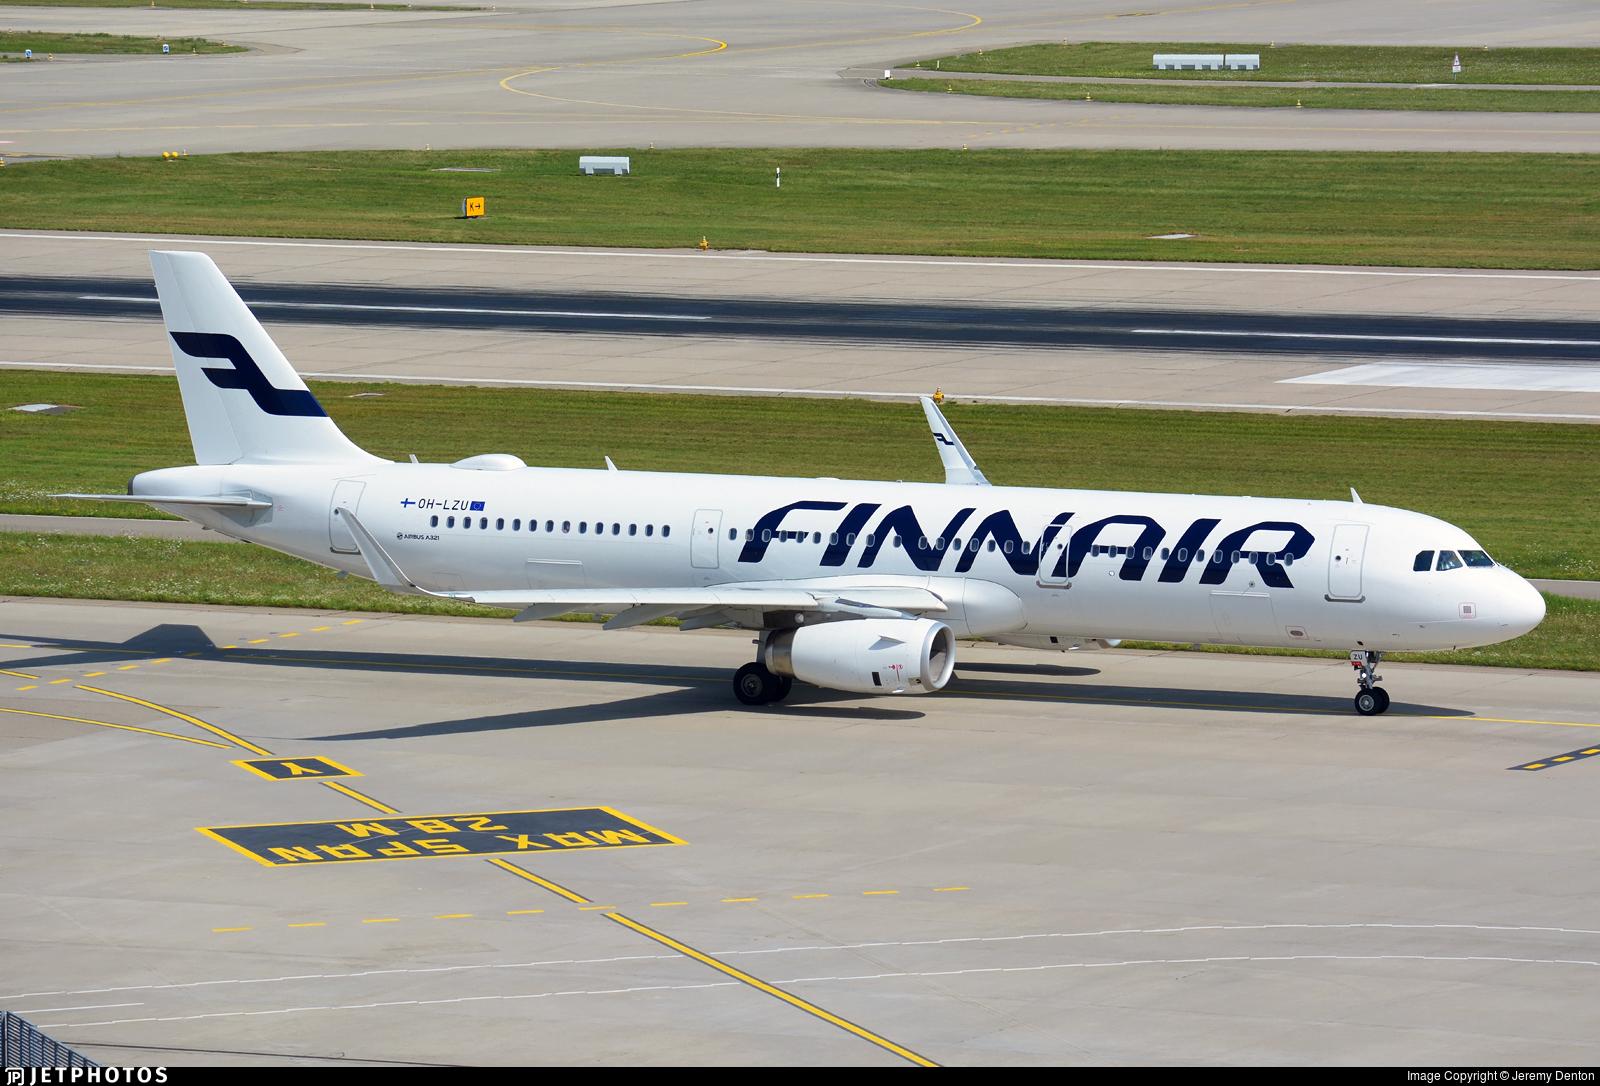 OH-LZU - Airbus A321-231 - Finnair